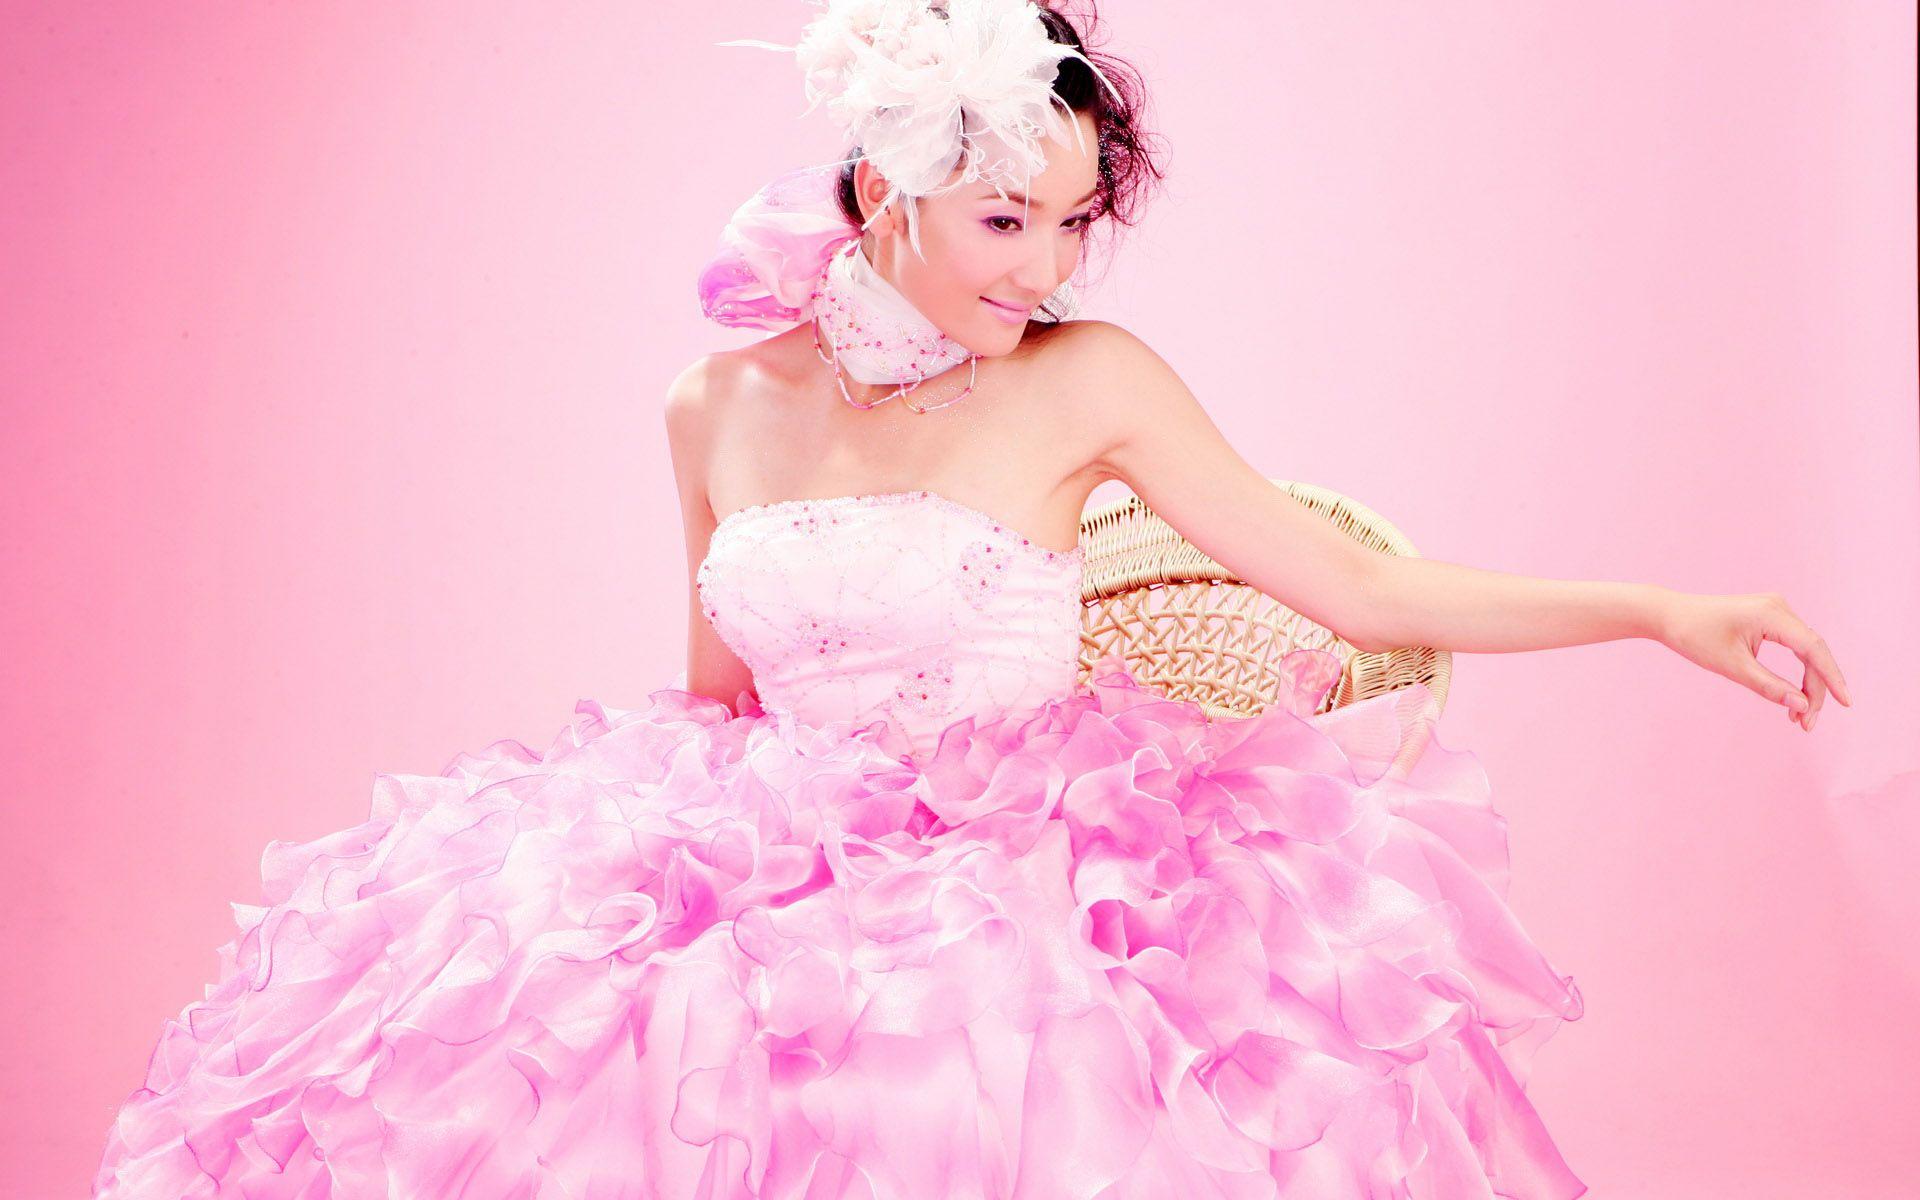 смотреть связана в платье розовом девушка роликов